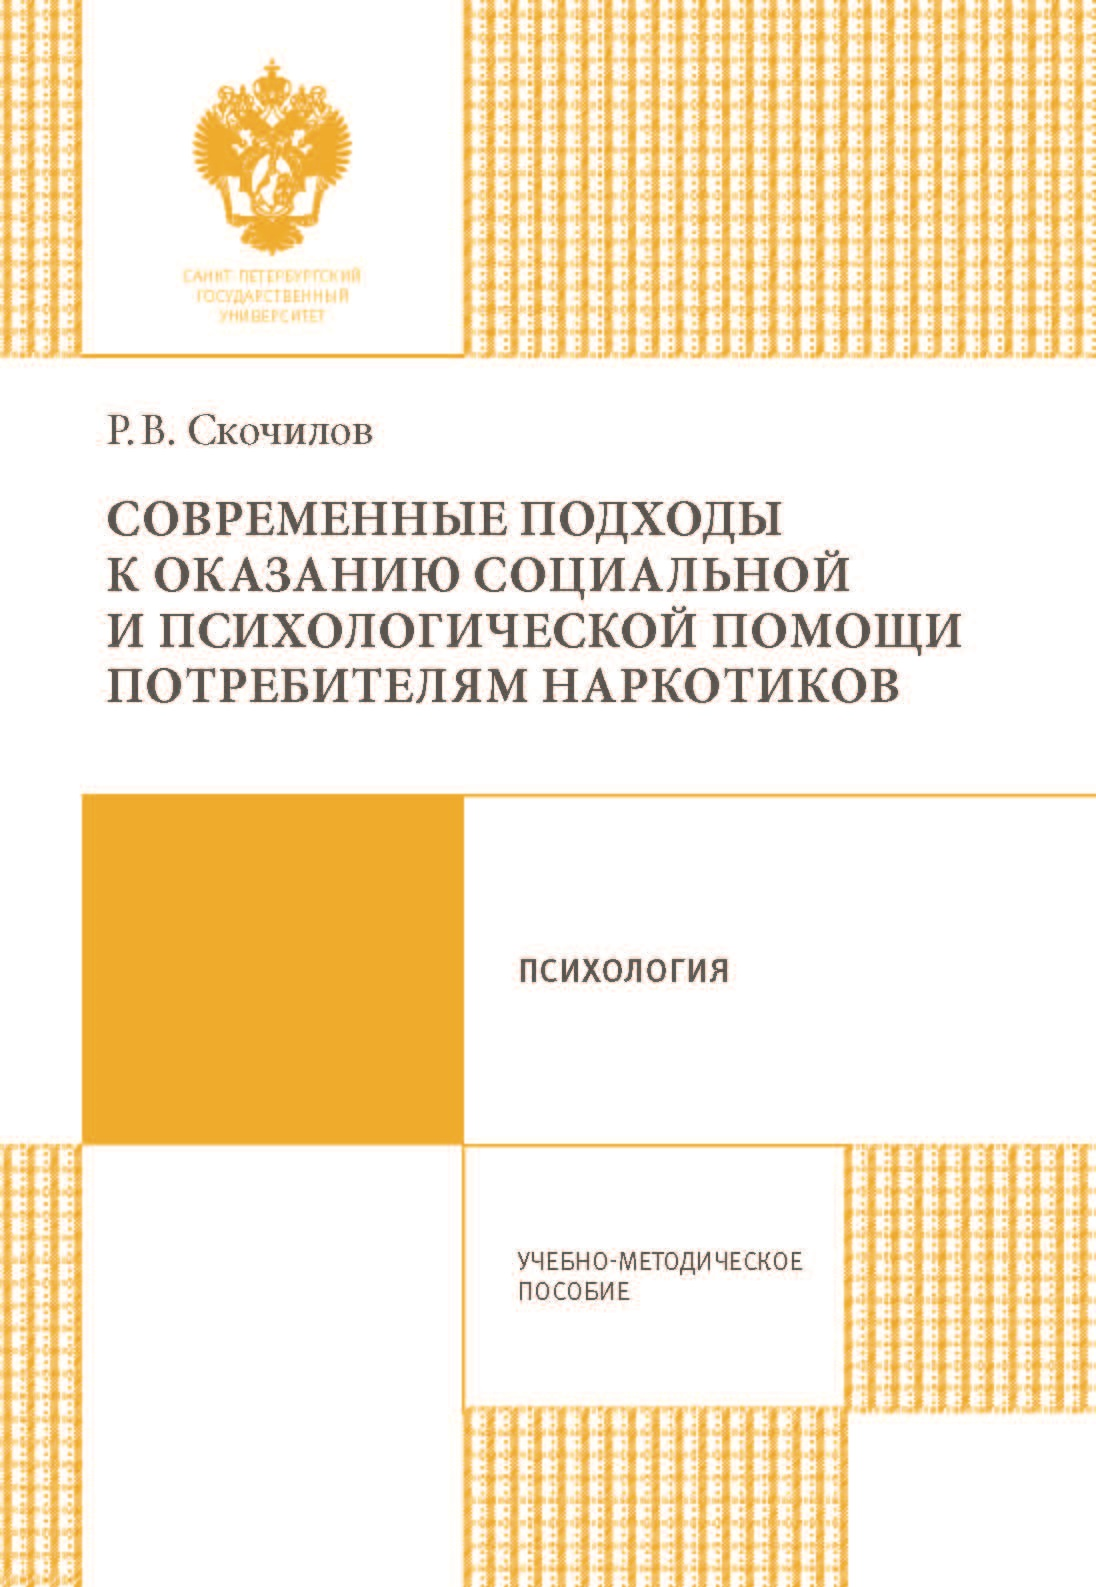 Р. В. Скочилов Современные подходы к оказанию социальной и психологической помощи потребителям наркотиков